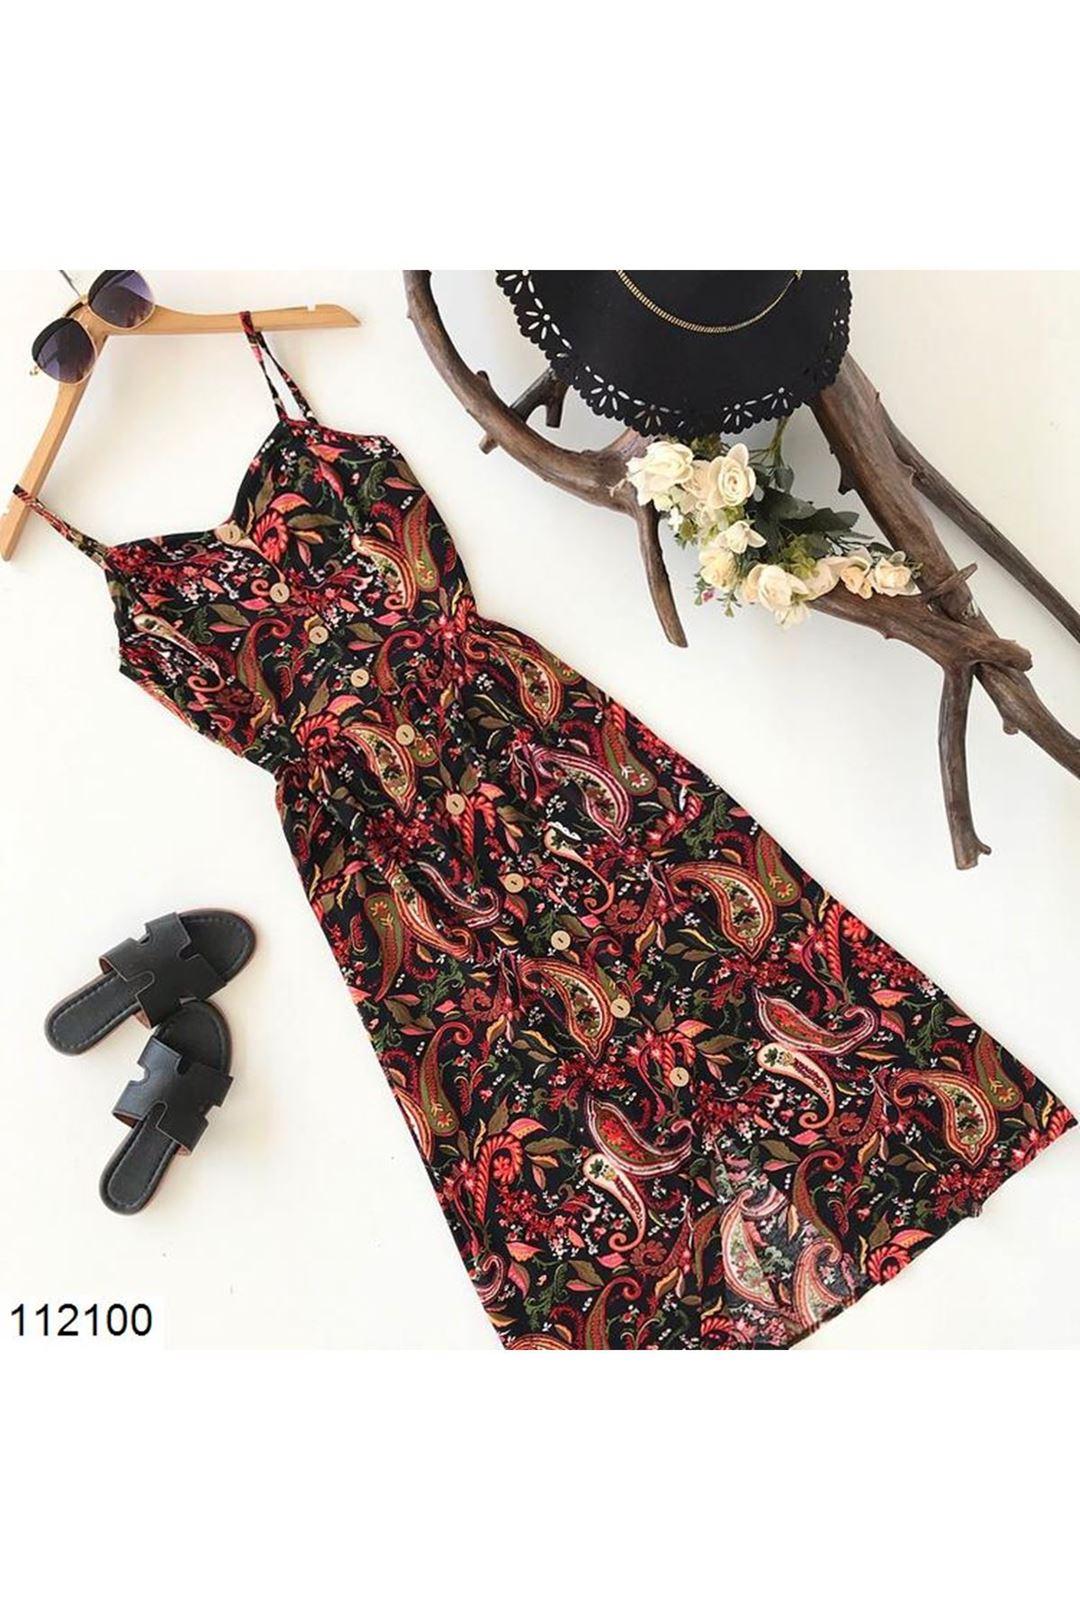 Önü Düğmeli Midi Boy Kadın Elbise  112100